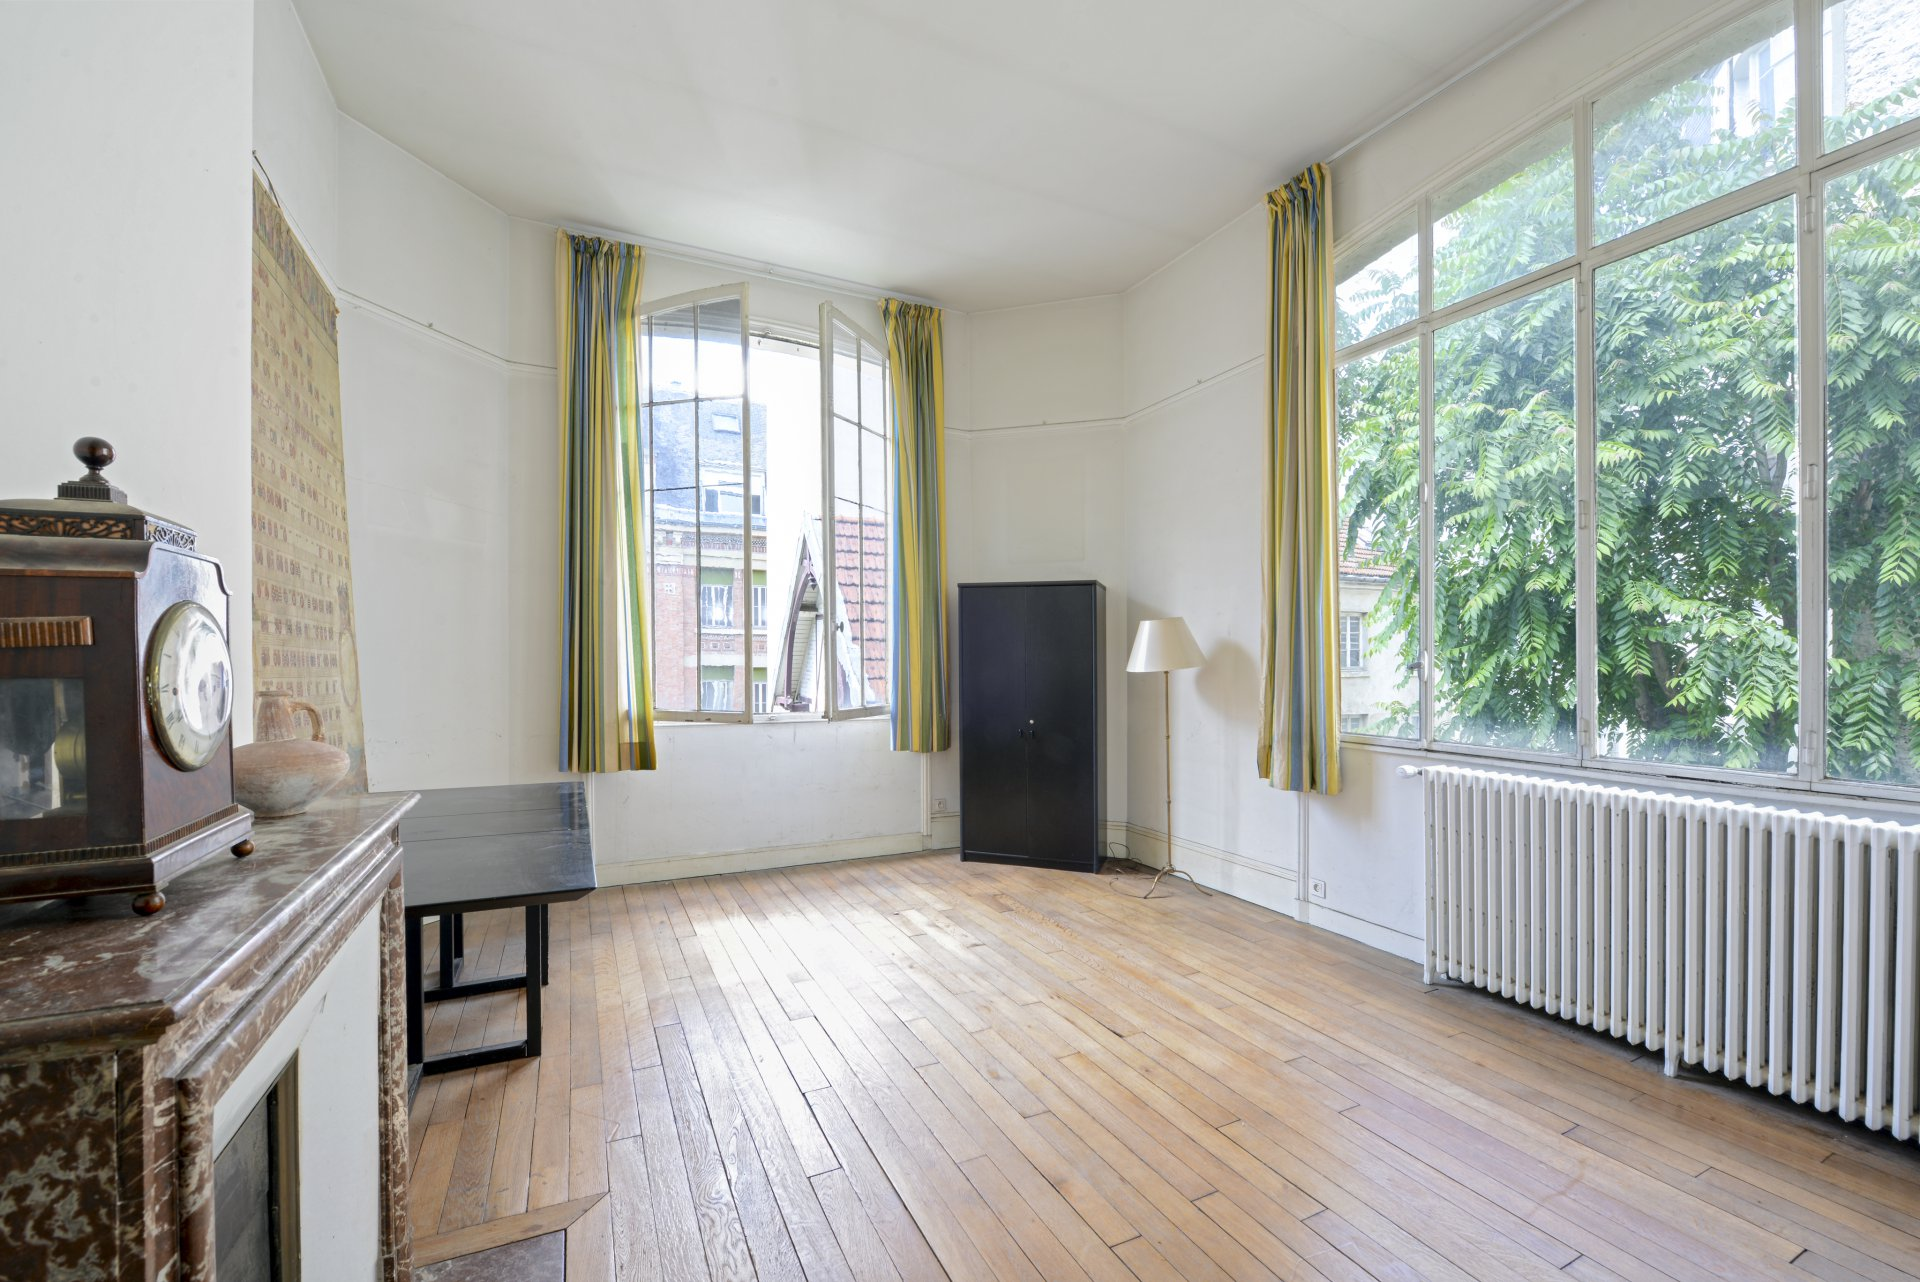 Sale House - Paris 6th (Paris 6ème) Notre-Dame-des-Champs